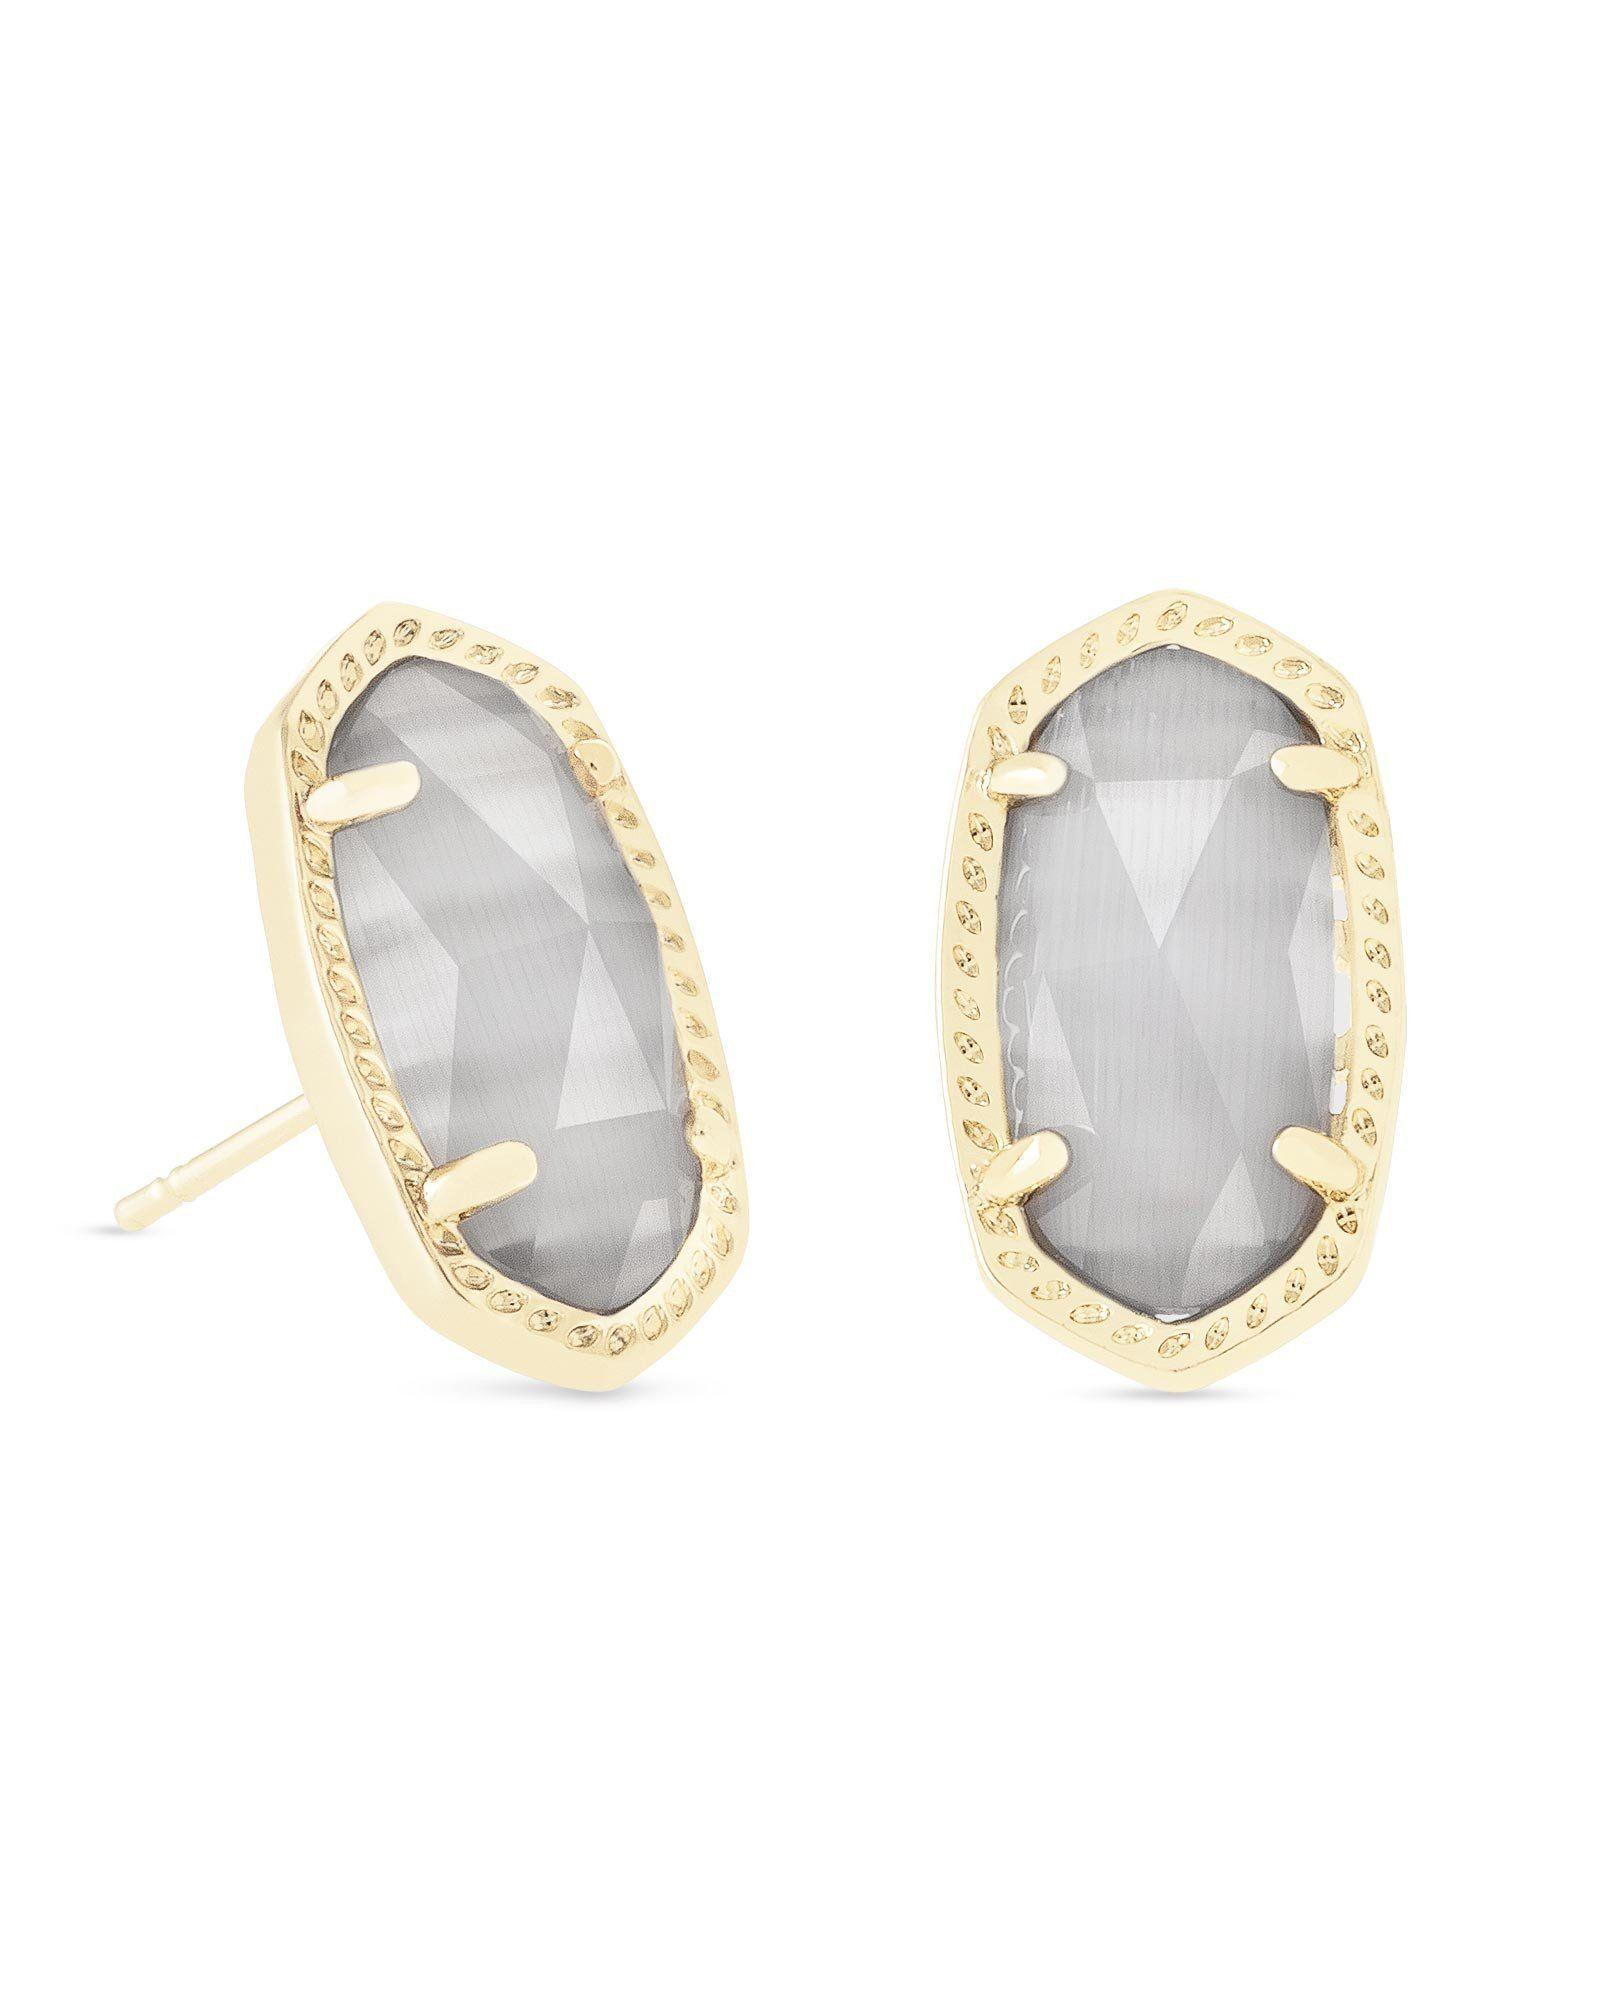 e828541c5 Kendra Scott Ellie Gold Stud Earrings In Slate Cats Eye   Products ...